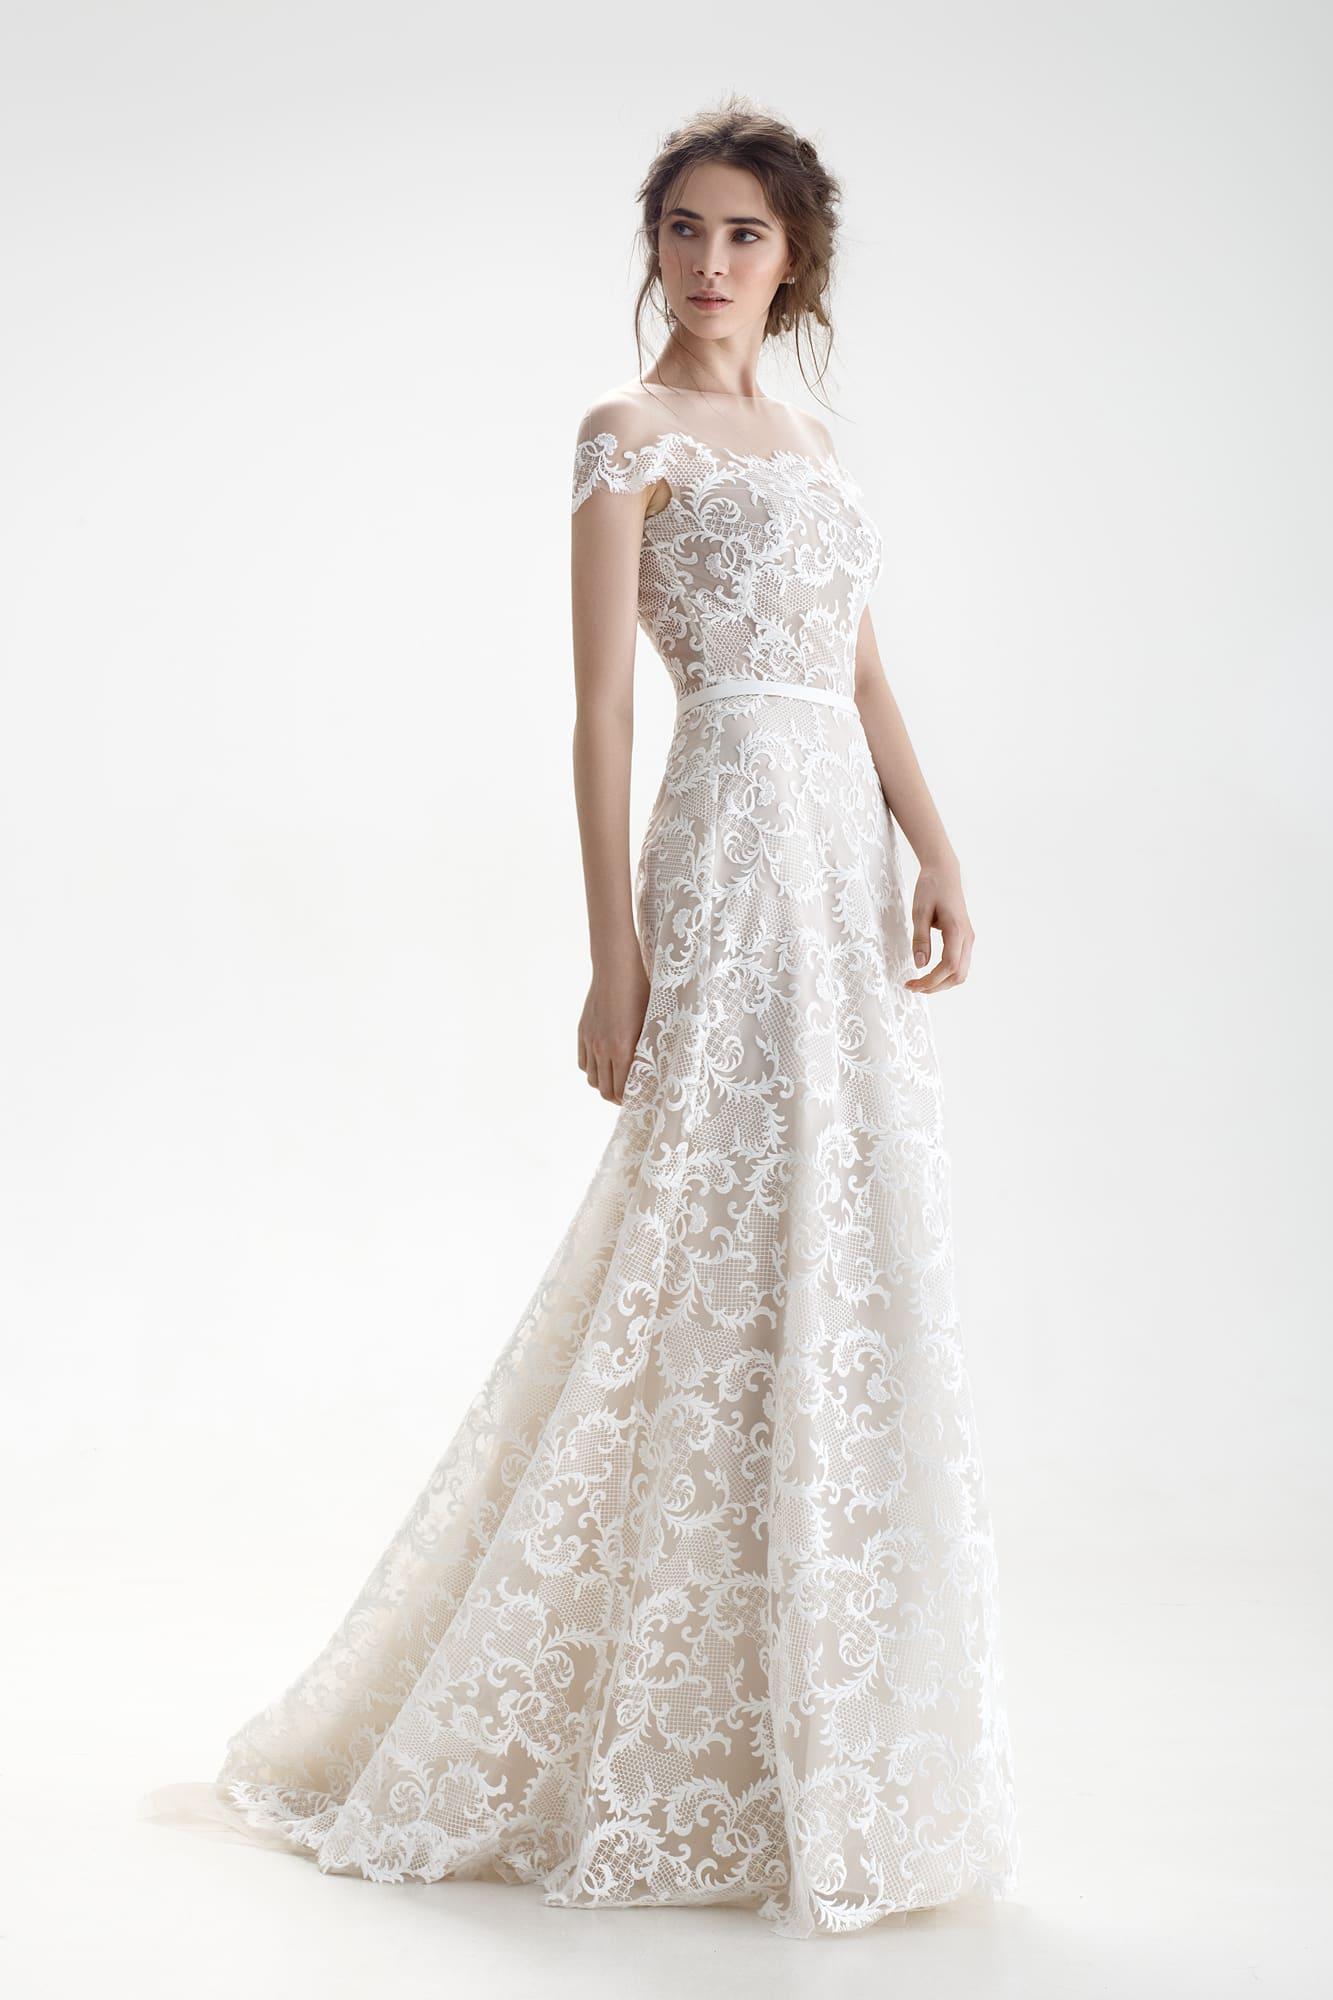 1528d87afa3 Свадебное платье бежевого цвета с отделкой из белого кружева и узким поясом.